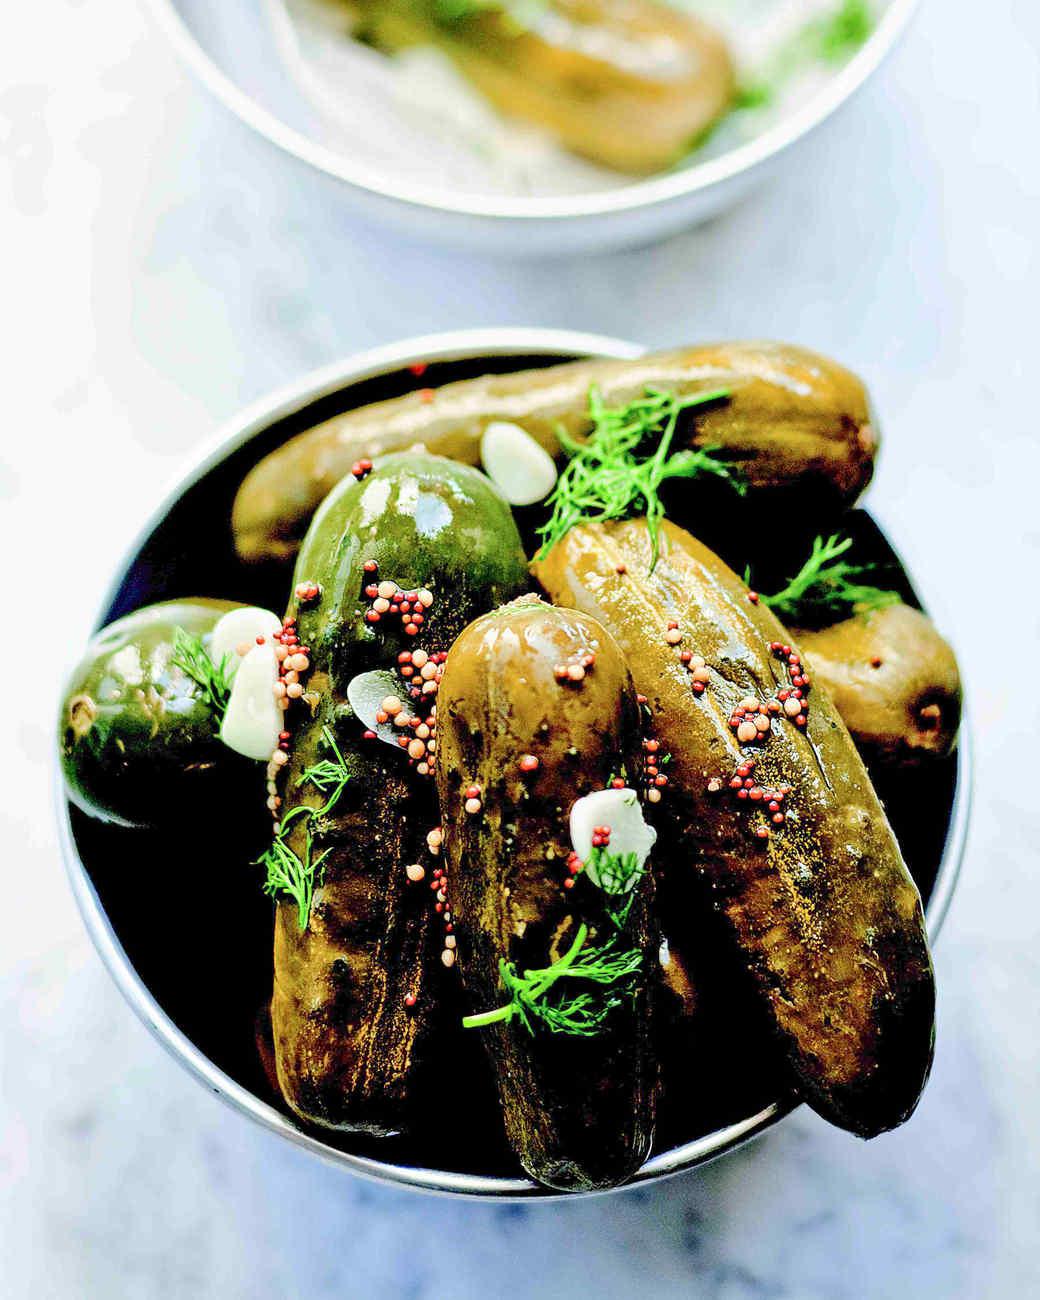 5151_052010_pickles.jpg